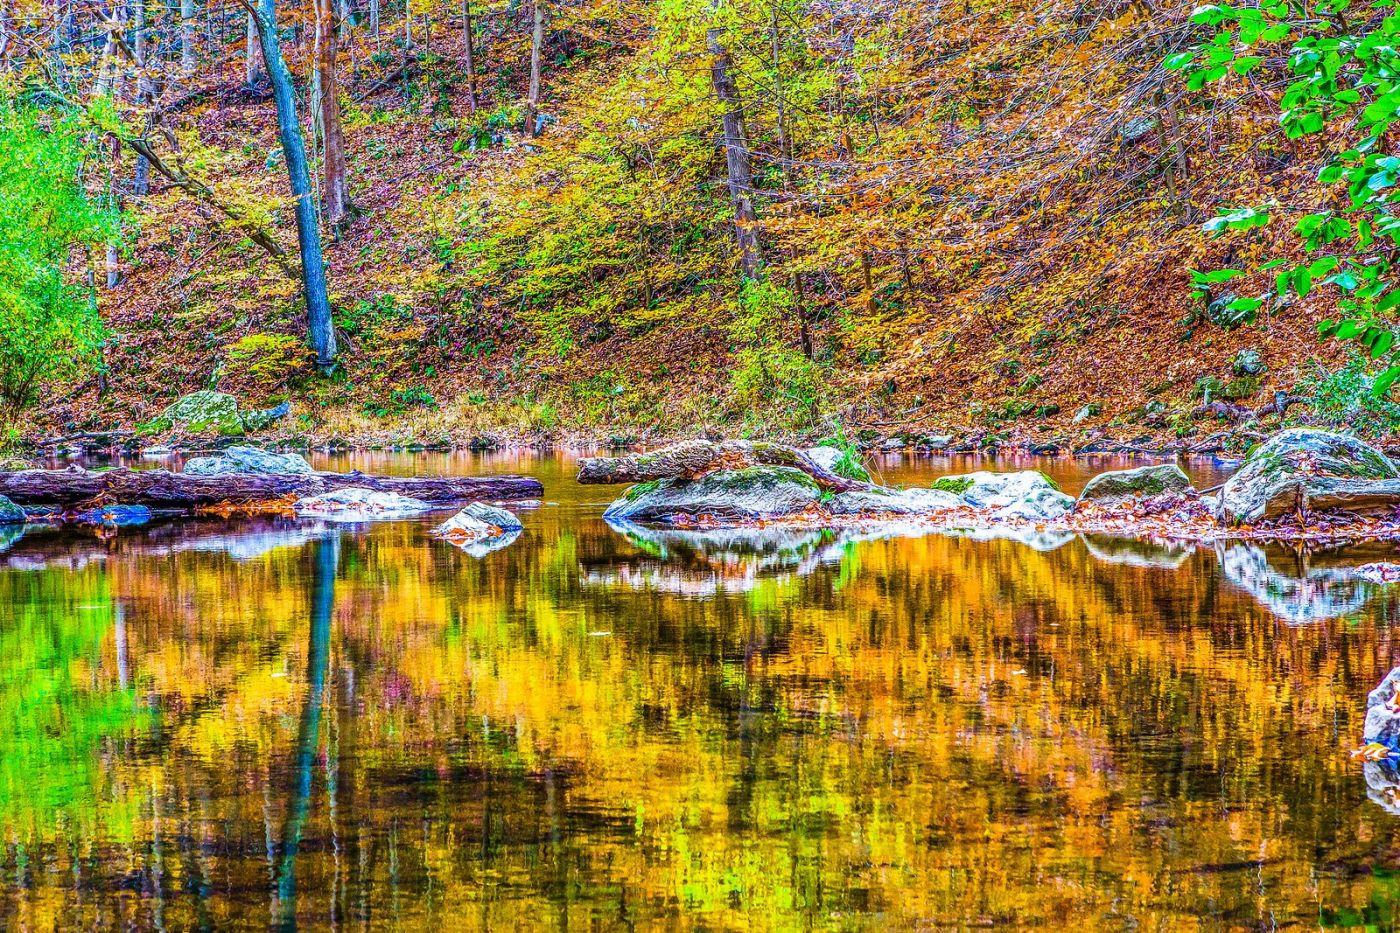 宾州雷德利克里克公园(Ridley creek park),如梦的画面_图1-22